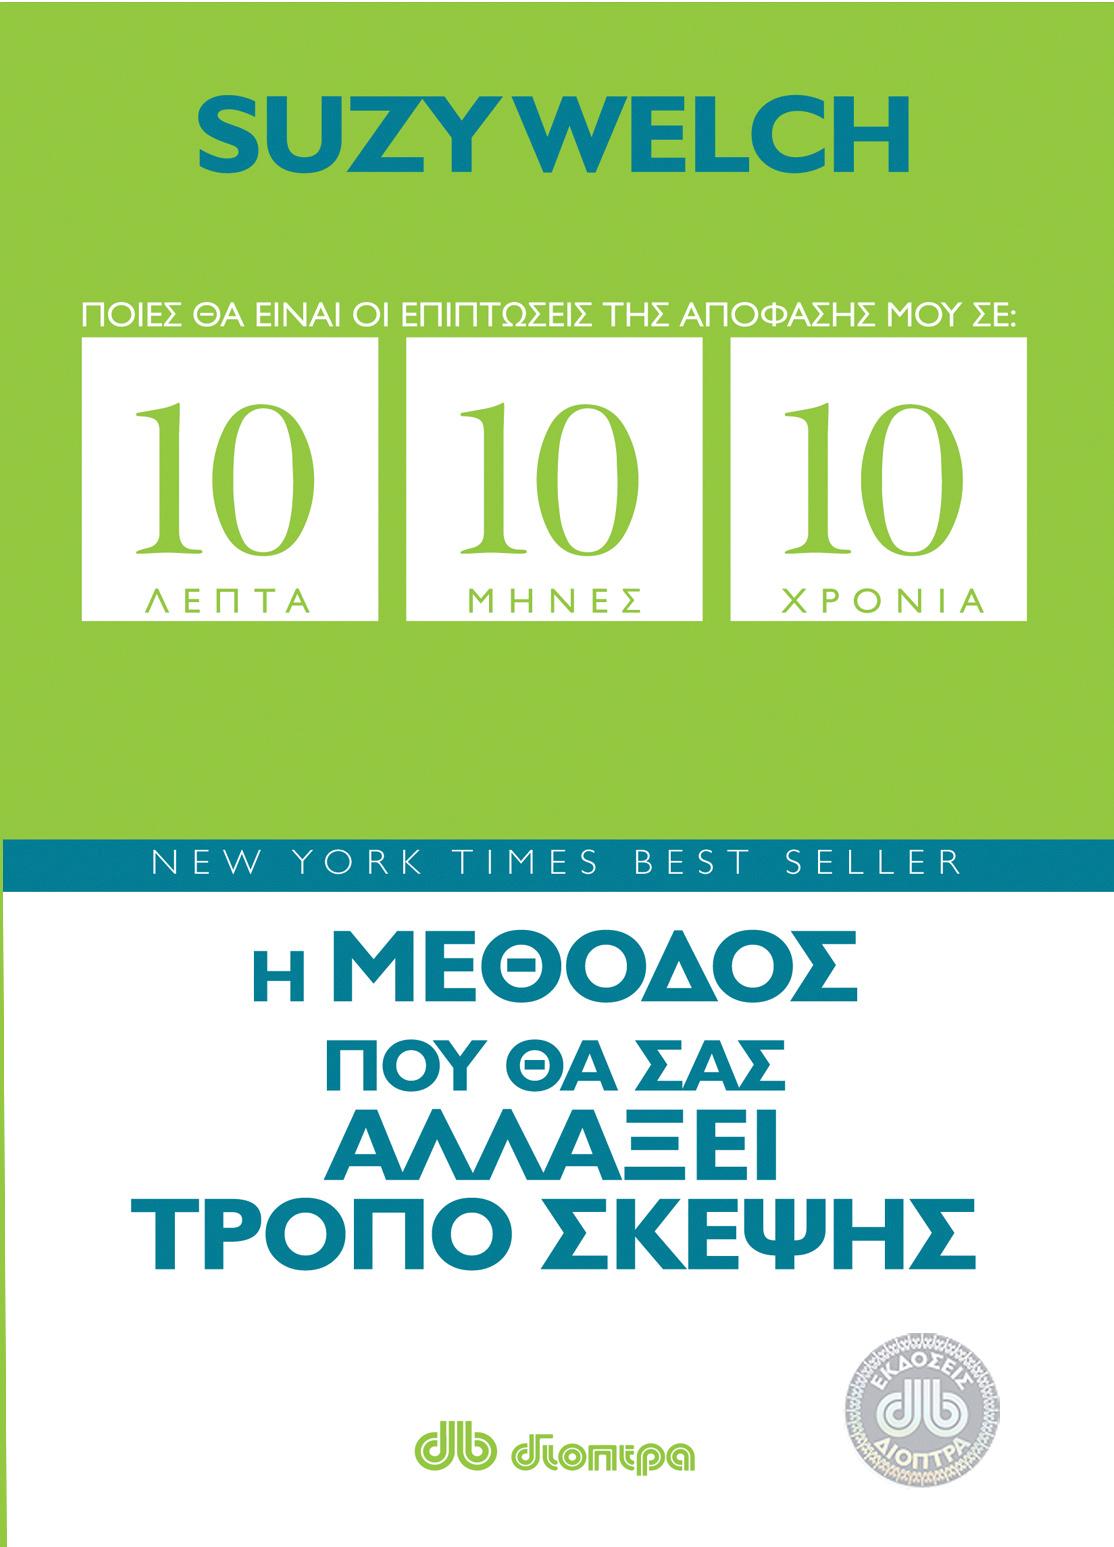 b0c5f05bb Βιβλίο, 10 λεπτά 10 μήνες 10 χρόνια, Suzy Welch - Dioptra.gr